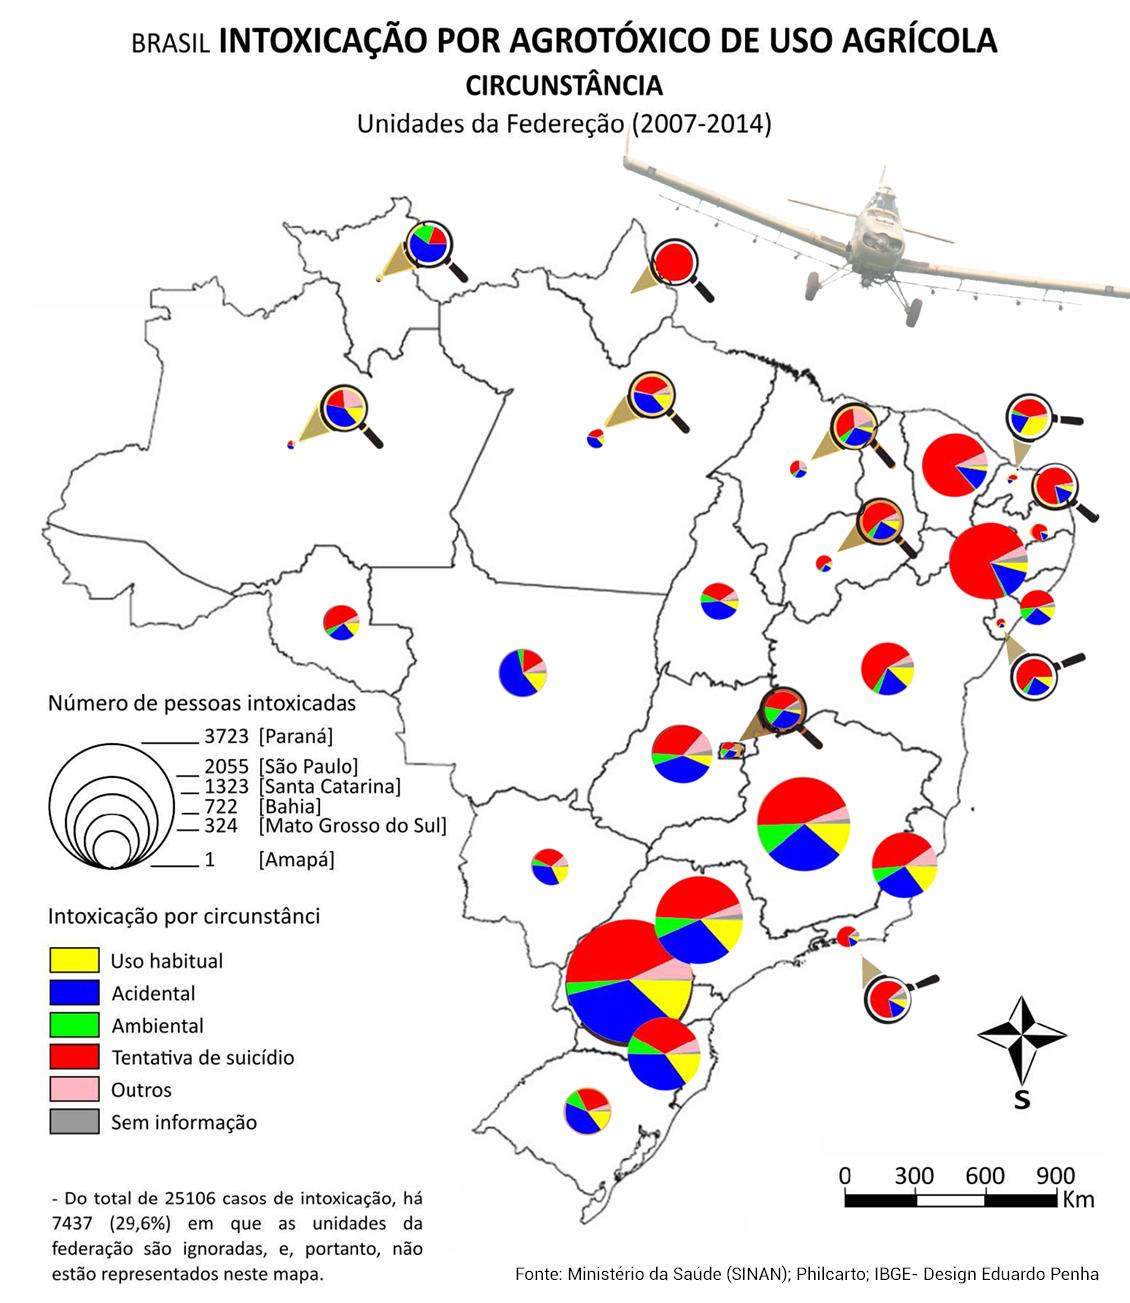 Brasil - intoxicação por agrotóxico de uso agrícola